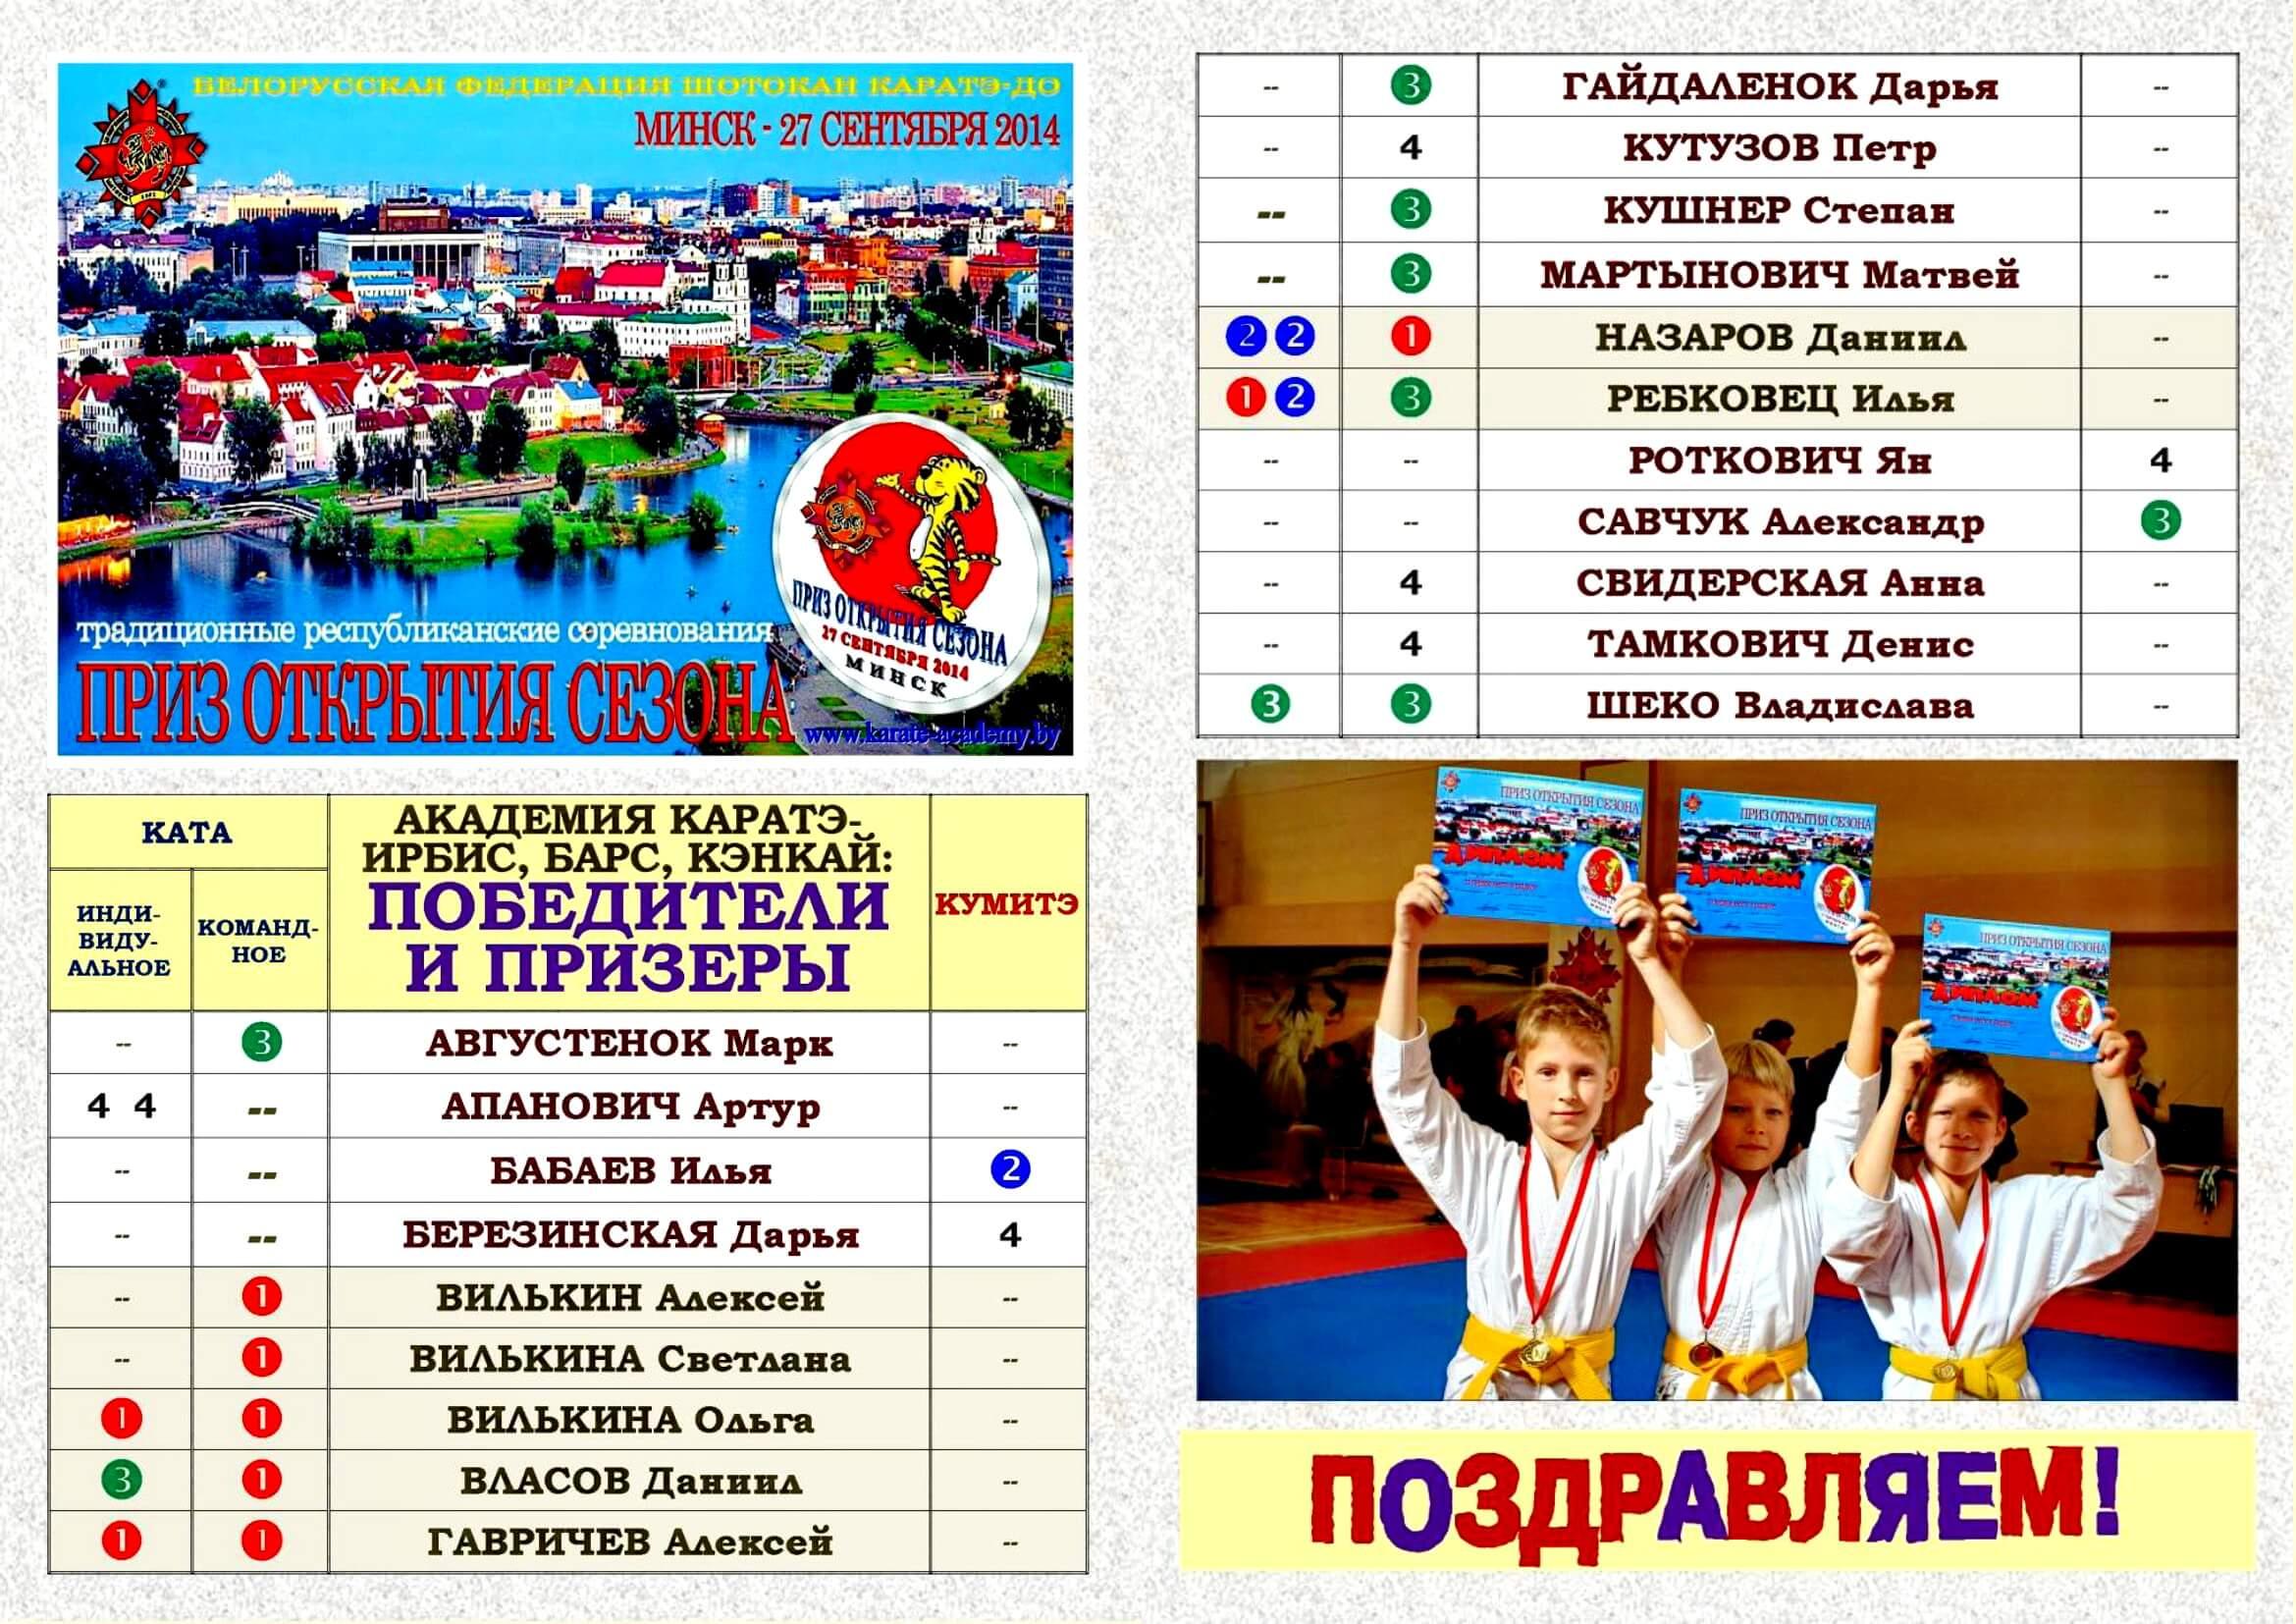 ПОС-2014 Поздравления W